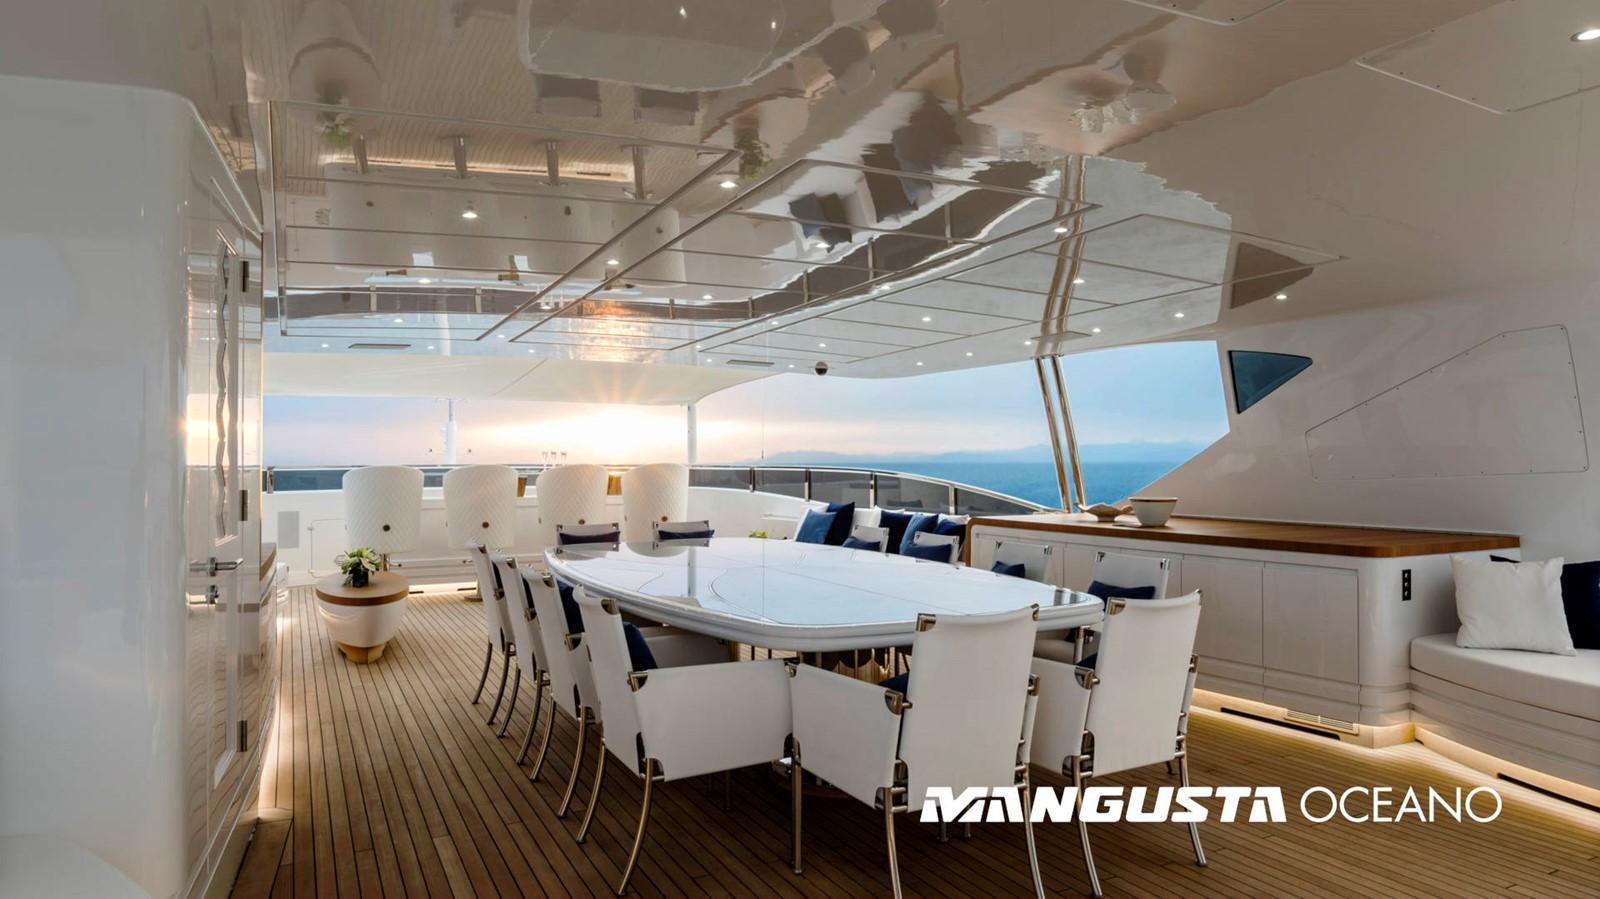 2021 OVERMARINE GROUP Mangusta Oceano 46  2570642